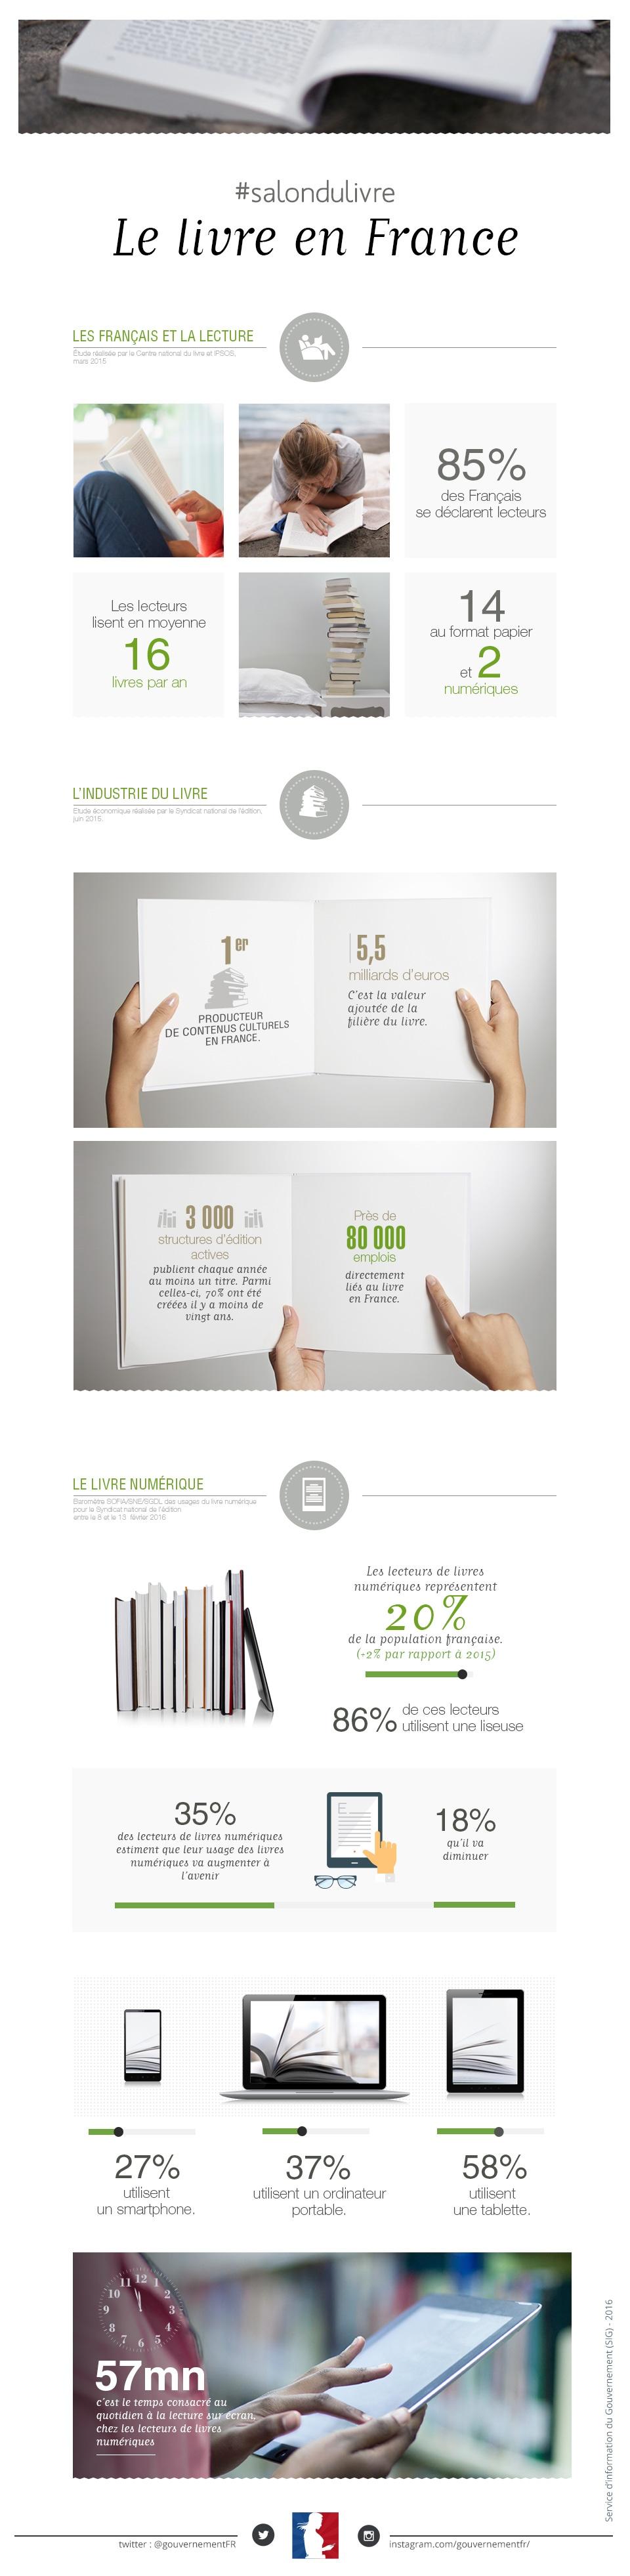 Infographie : Salon du livre : découvrez les chiffres du secteur du livre - voir en plus grand